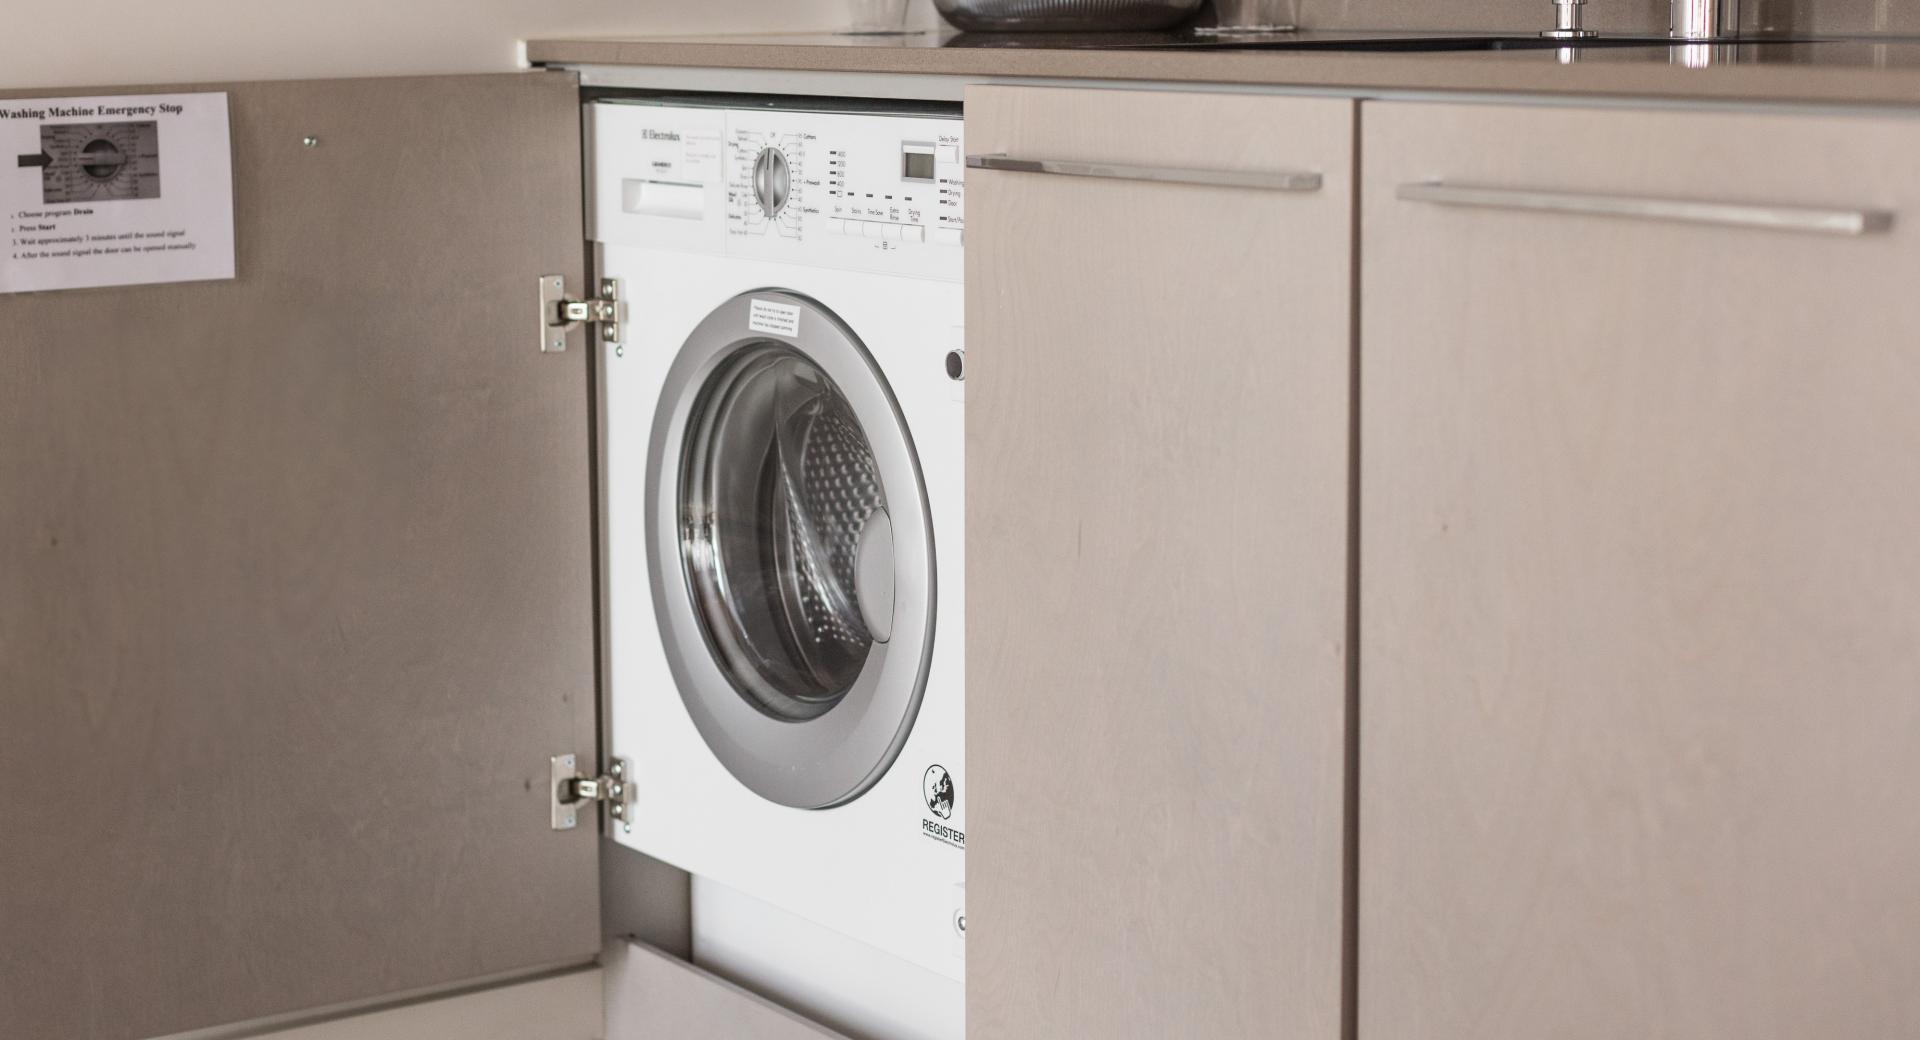 Laundry in Sihlfeldstrasse 127